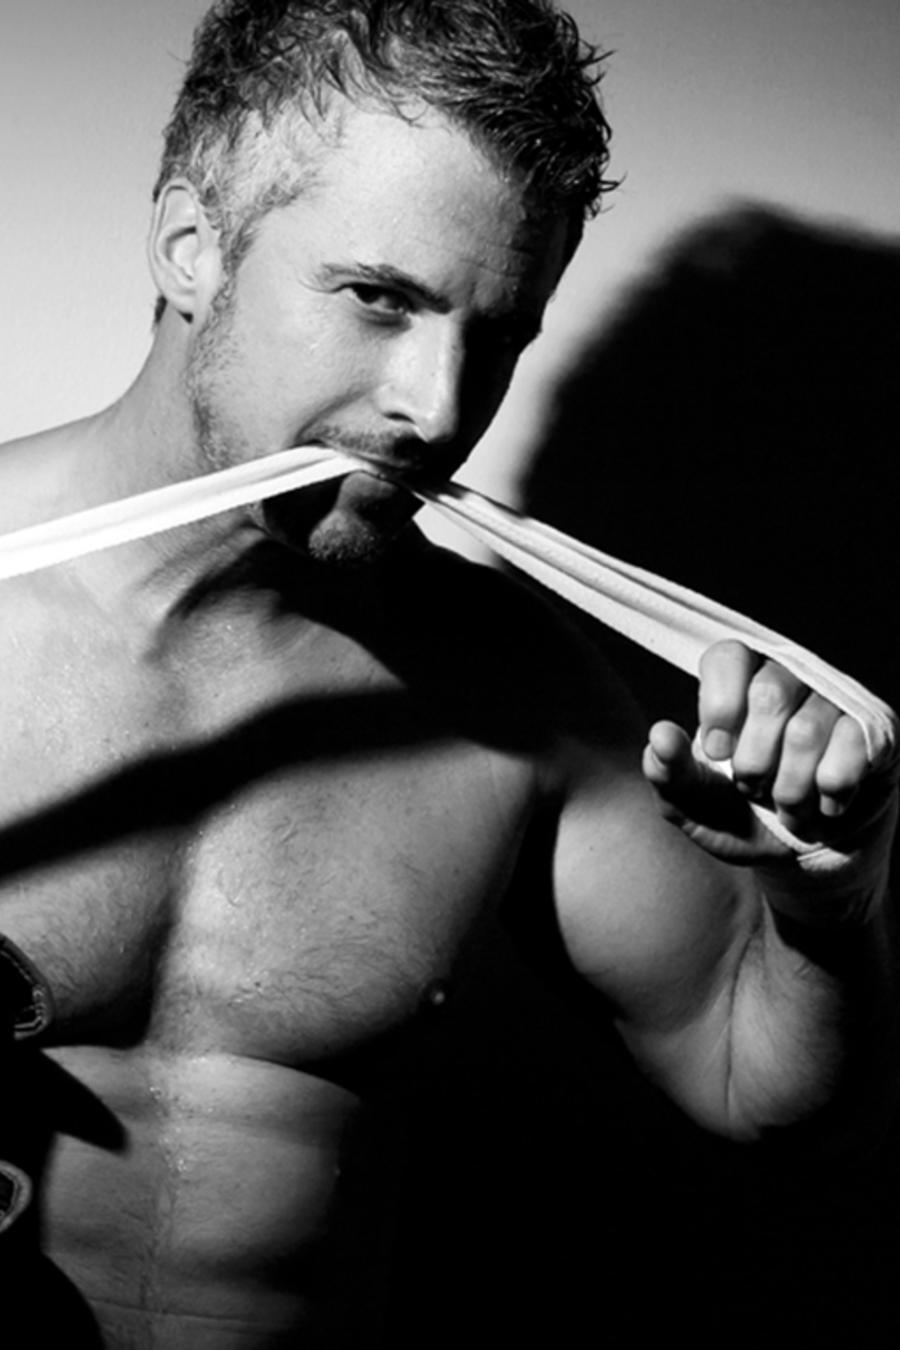 Diego Soldano, sexy, boxeo, Club de novelas